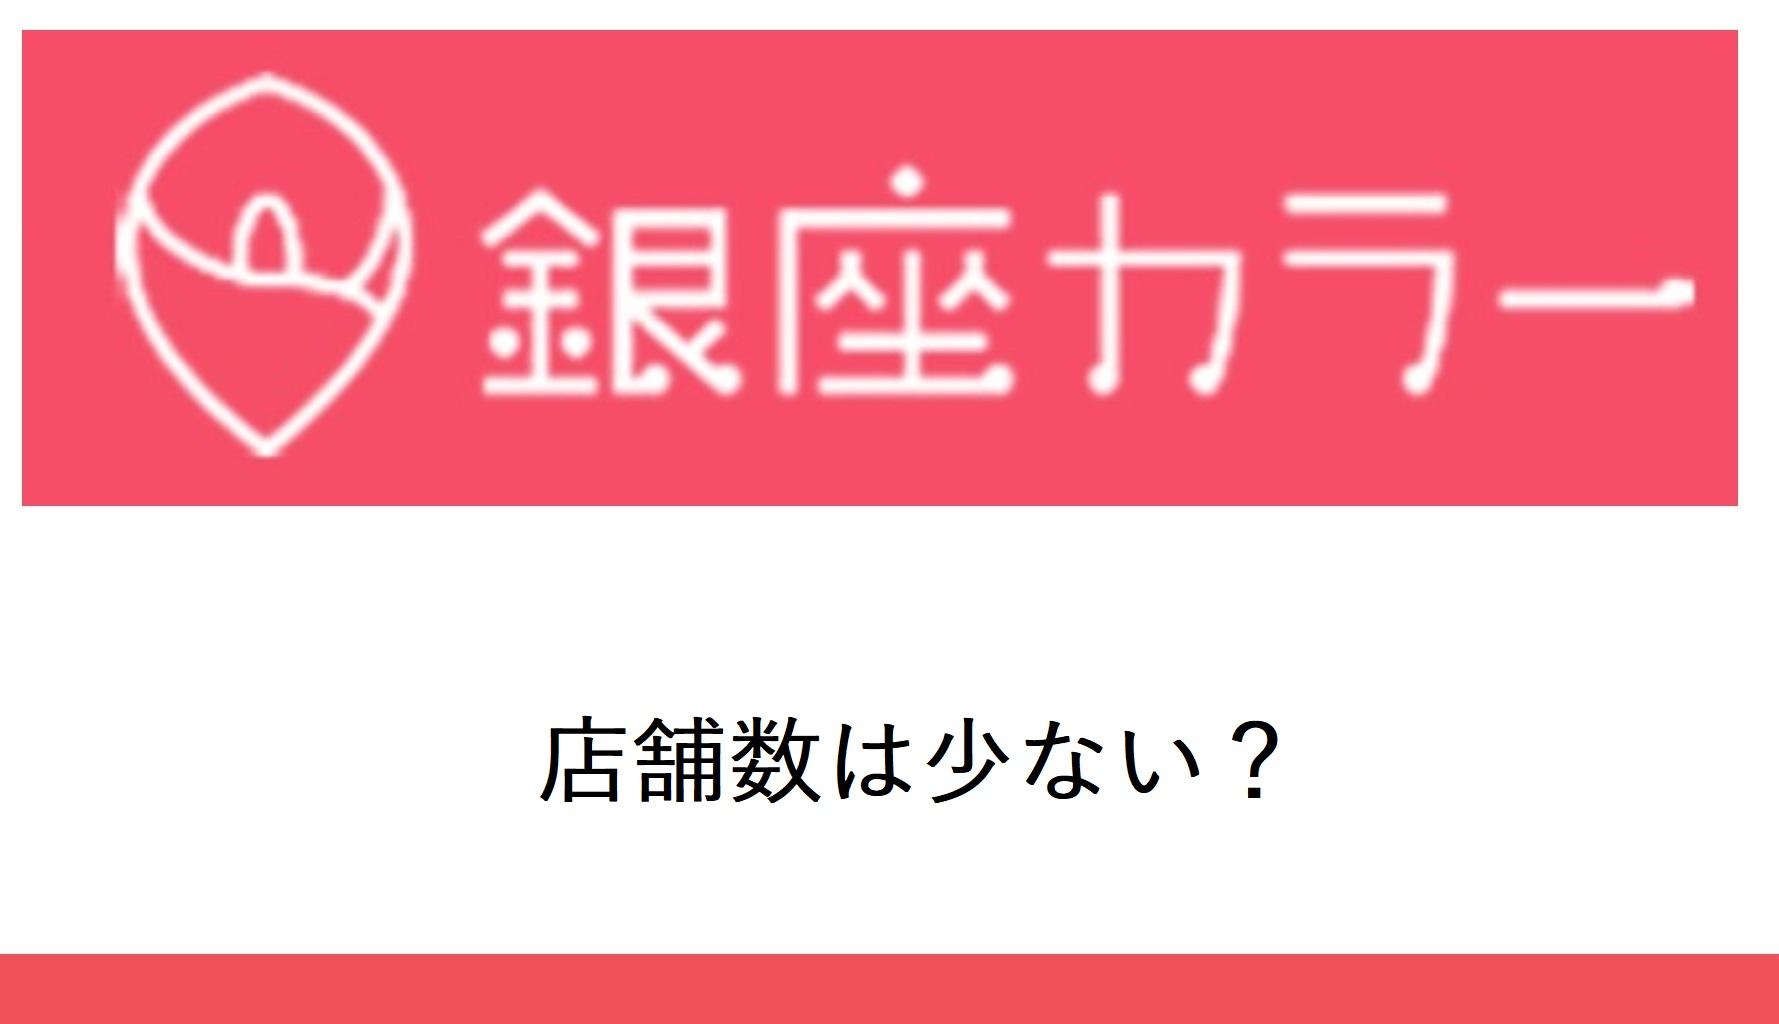 銀座カラー(店舗数)